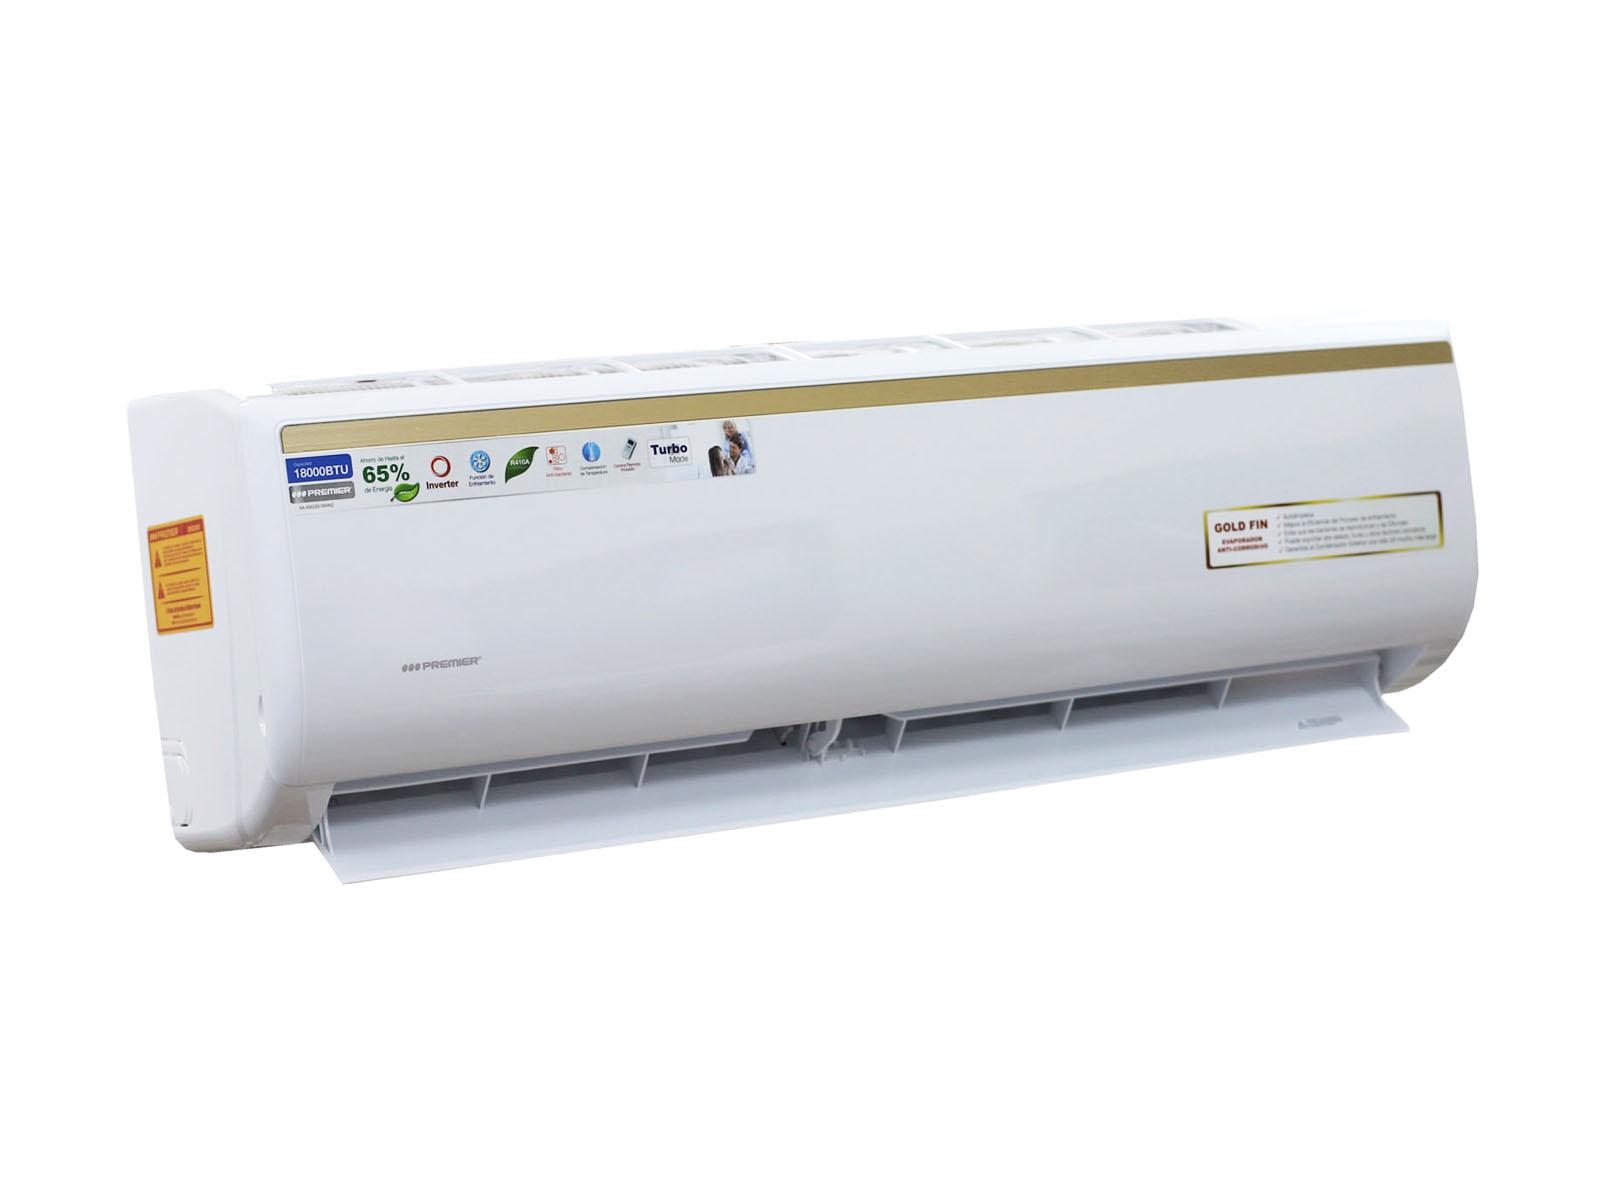 Imagen de producto Aa split 18000btu inverter (1+1) 4